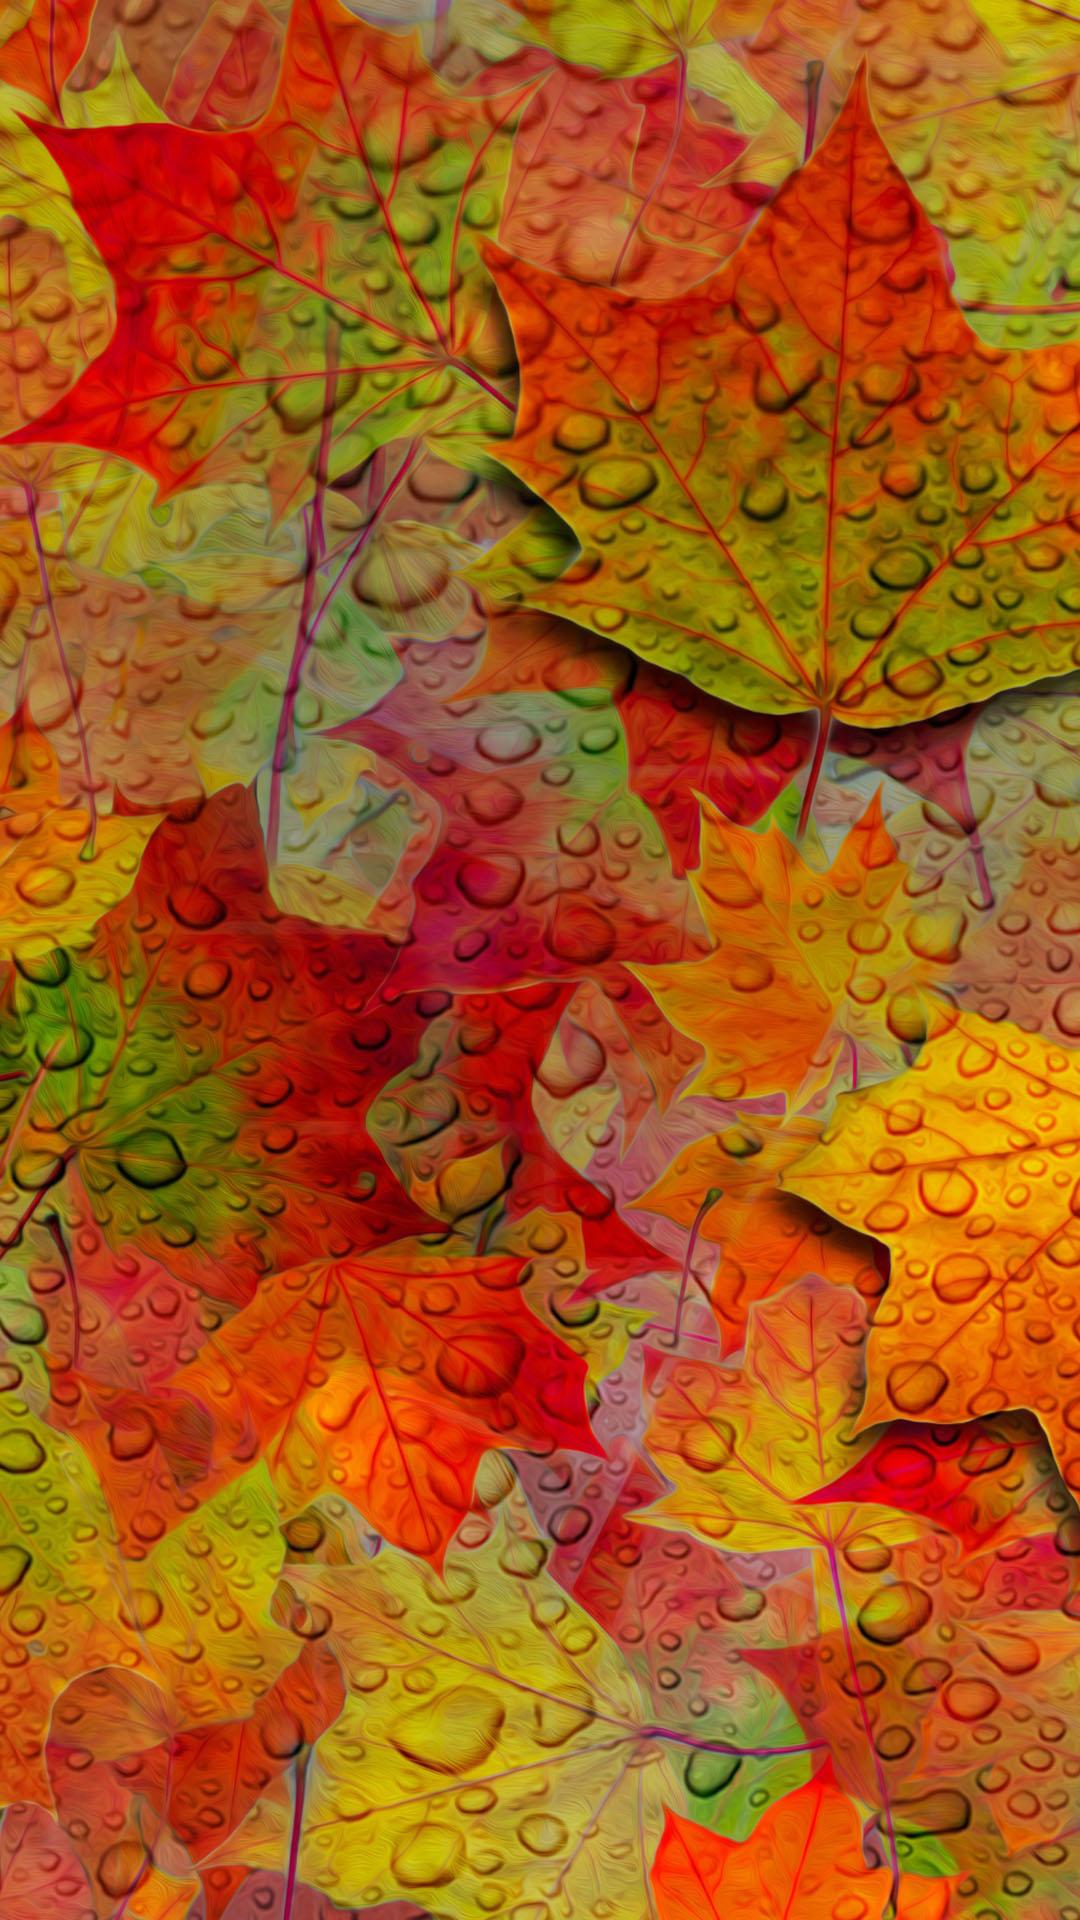 петербурга, картинки осень на айфон полоса